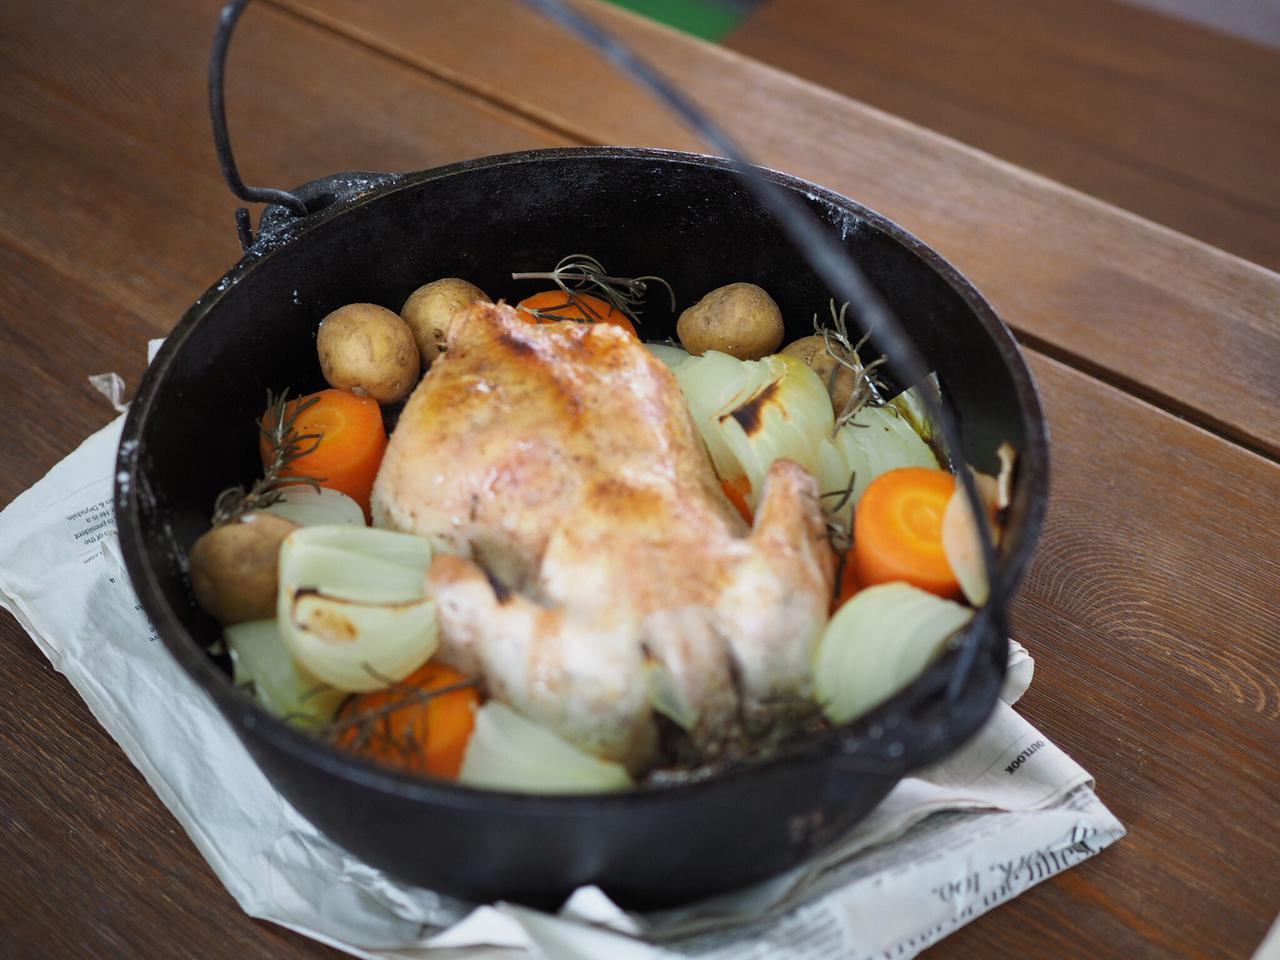 画像: 熱が均一に行き渡り料理が美味しくなる ダッチオーブンはサイズも材質も豊富